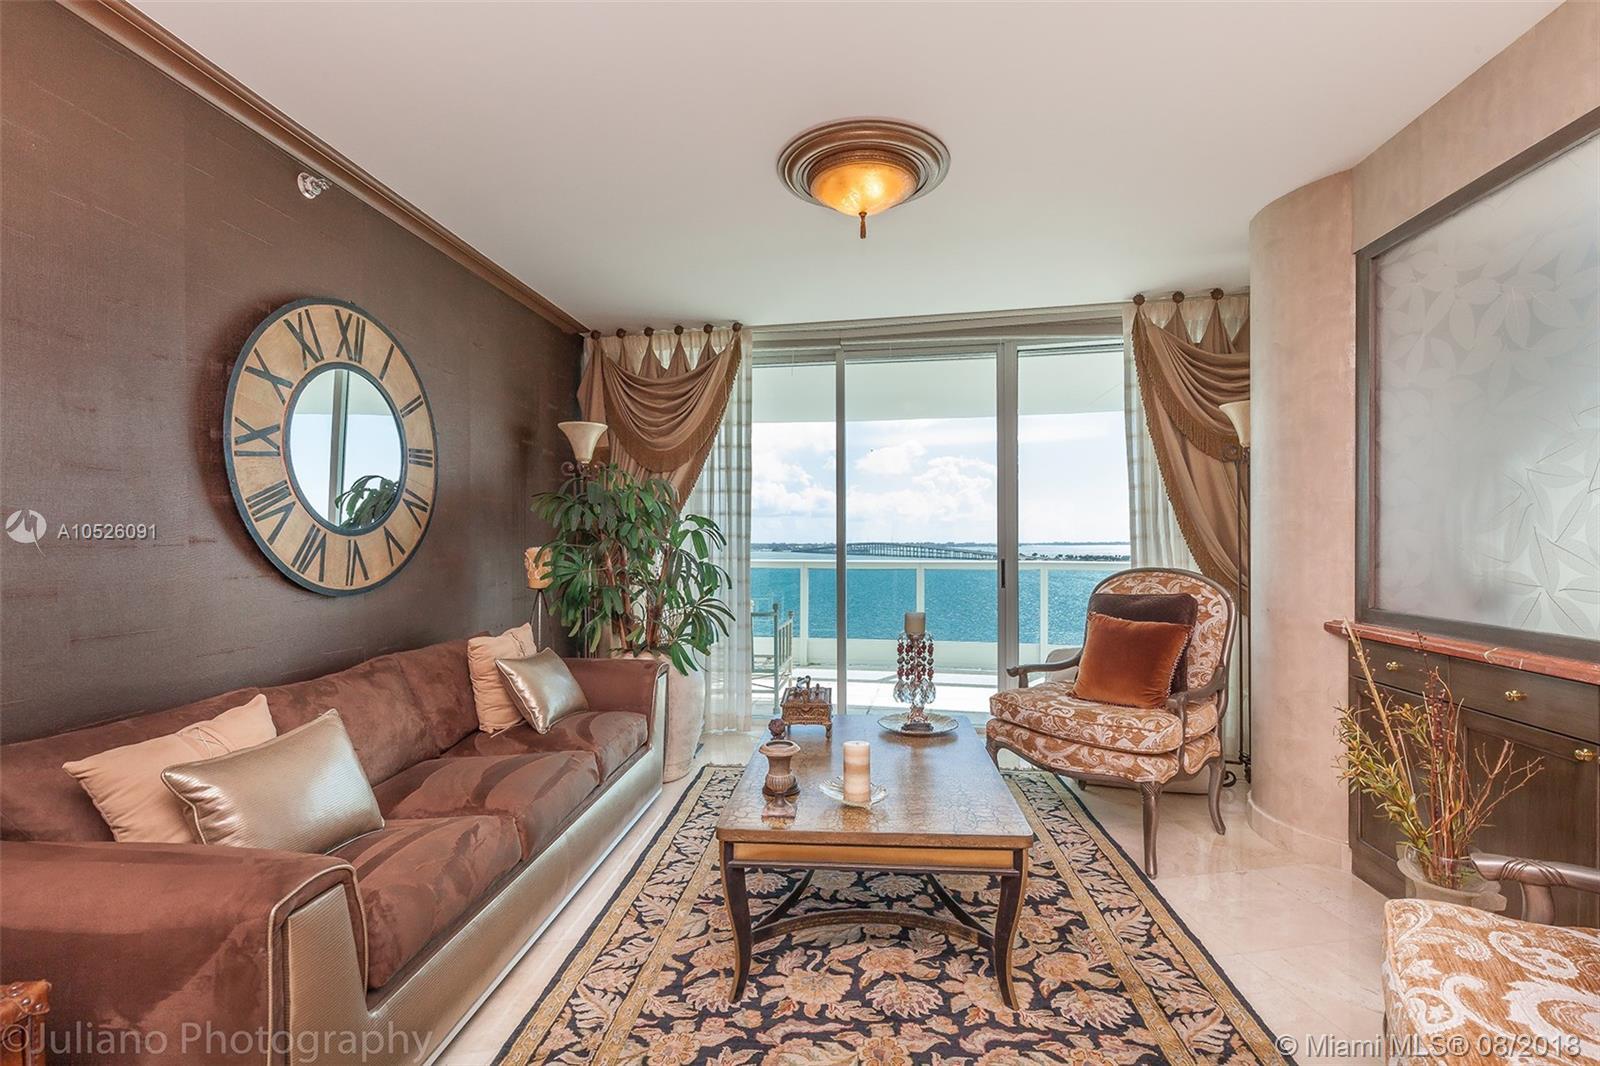 2127 Brickell Avenue, Miami, FL 33129, Bristol Tower Condominium #1103, Brickell, Miami A10526091 image #27